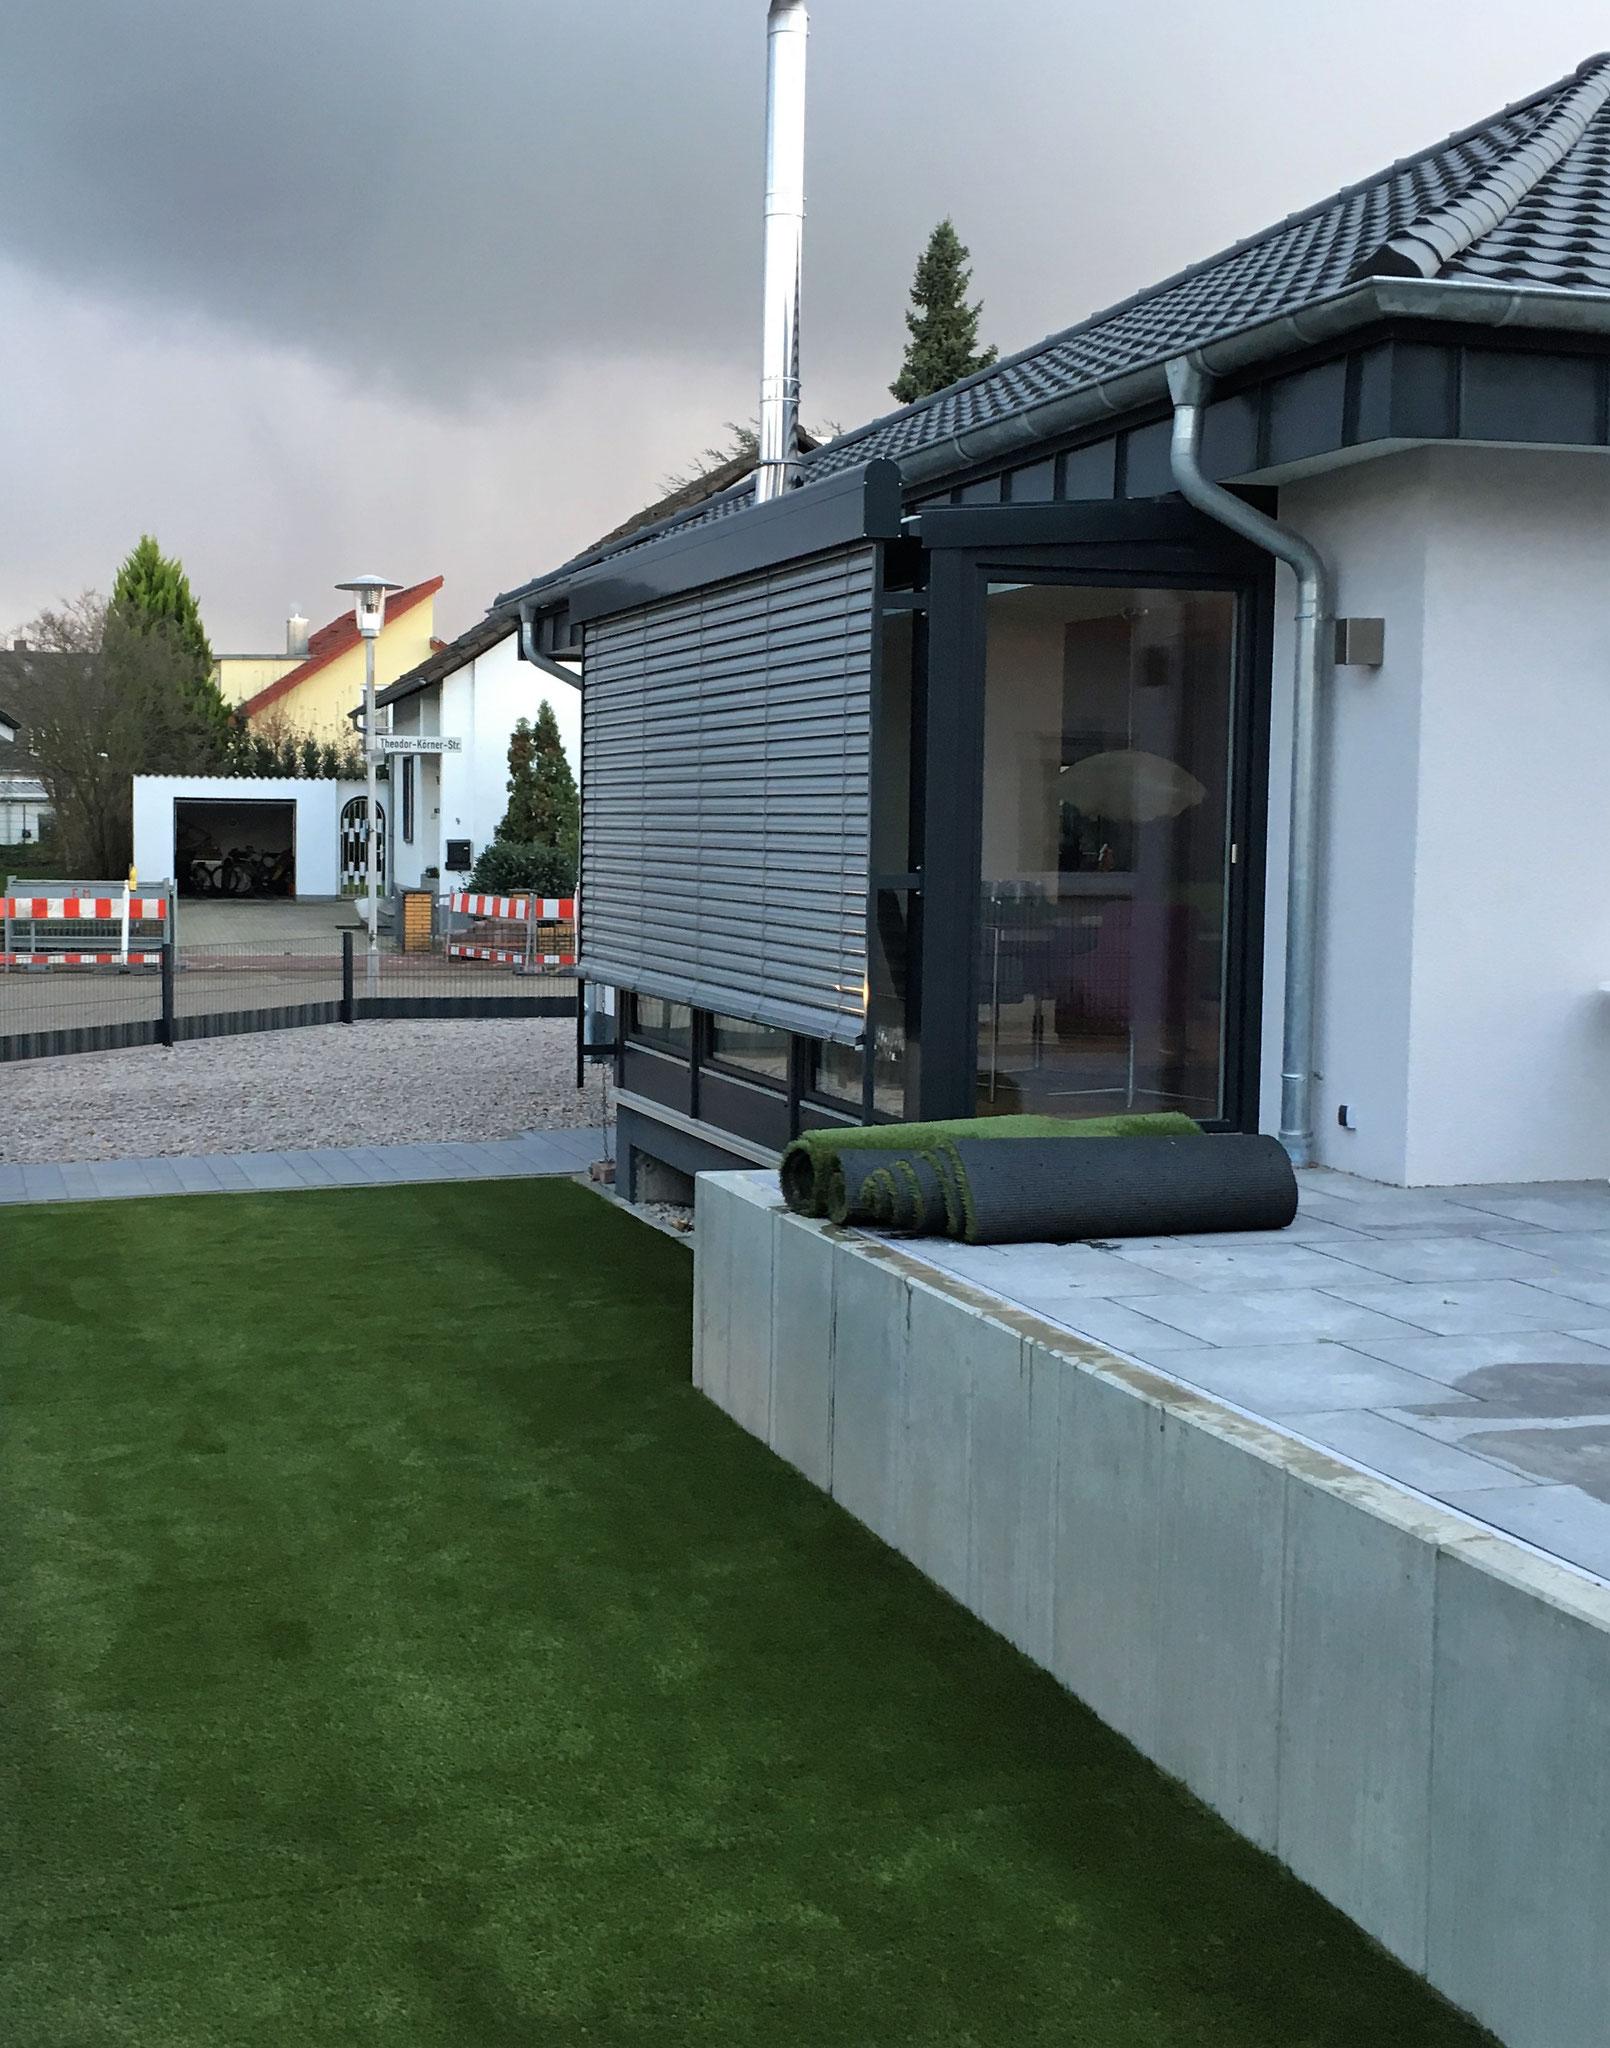 Perfekter Randabschluss an der Terrasse